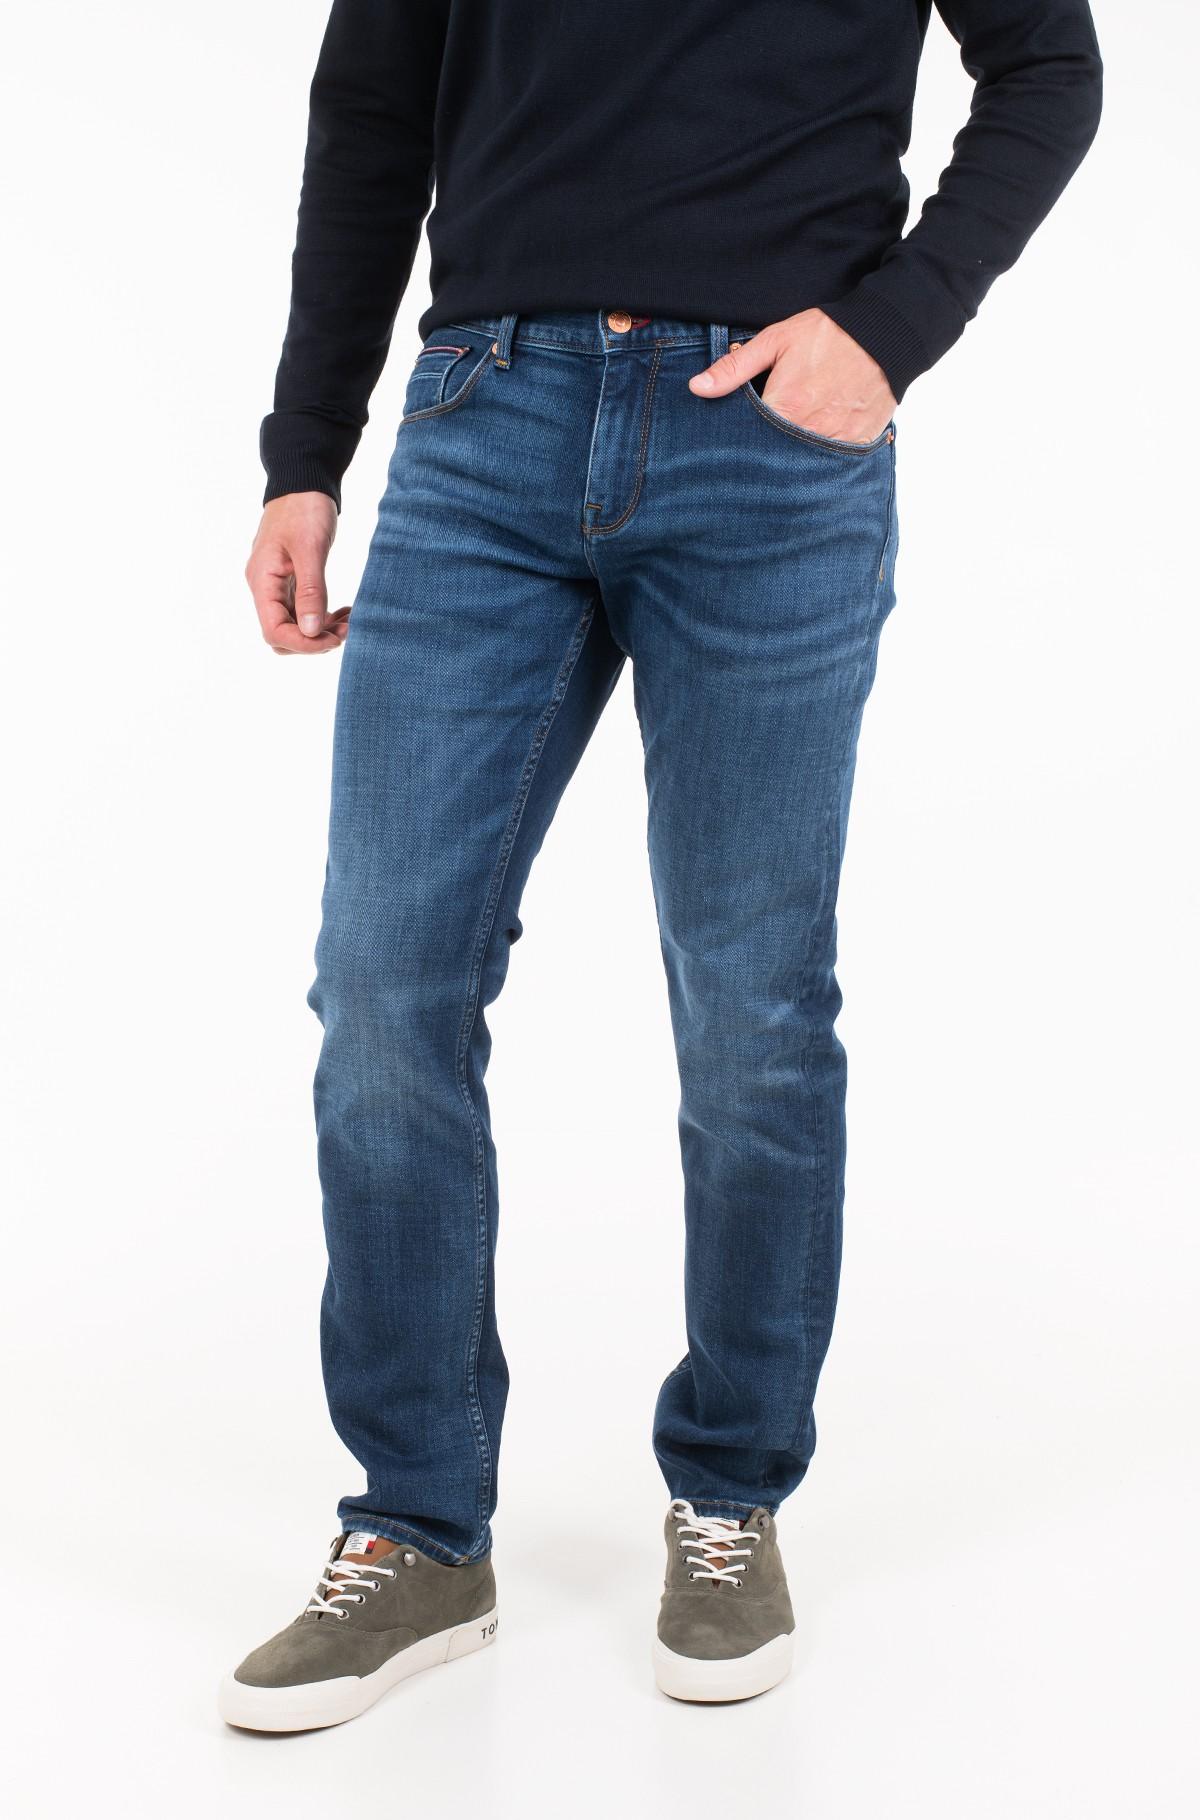 Džinsinės kelnės STRAIGHT DENTON PSTR STITES BLUE-full-1